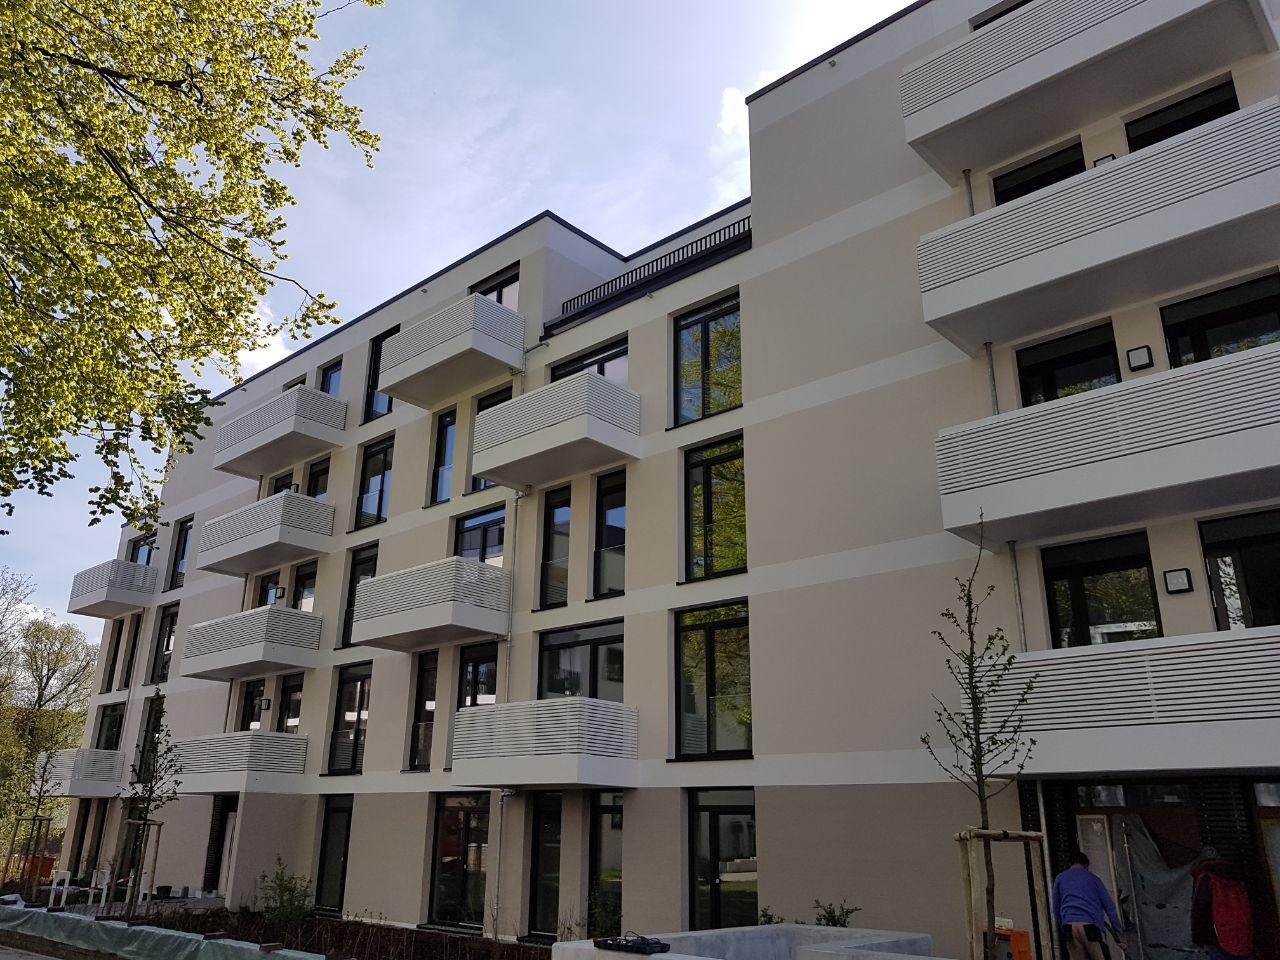 Wohnhaus Rotbuchenhain Fassade